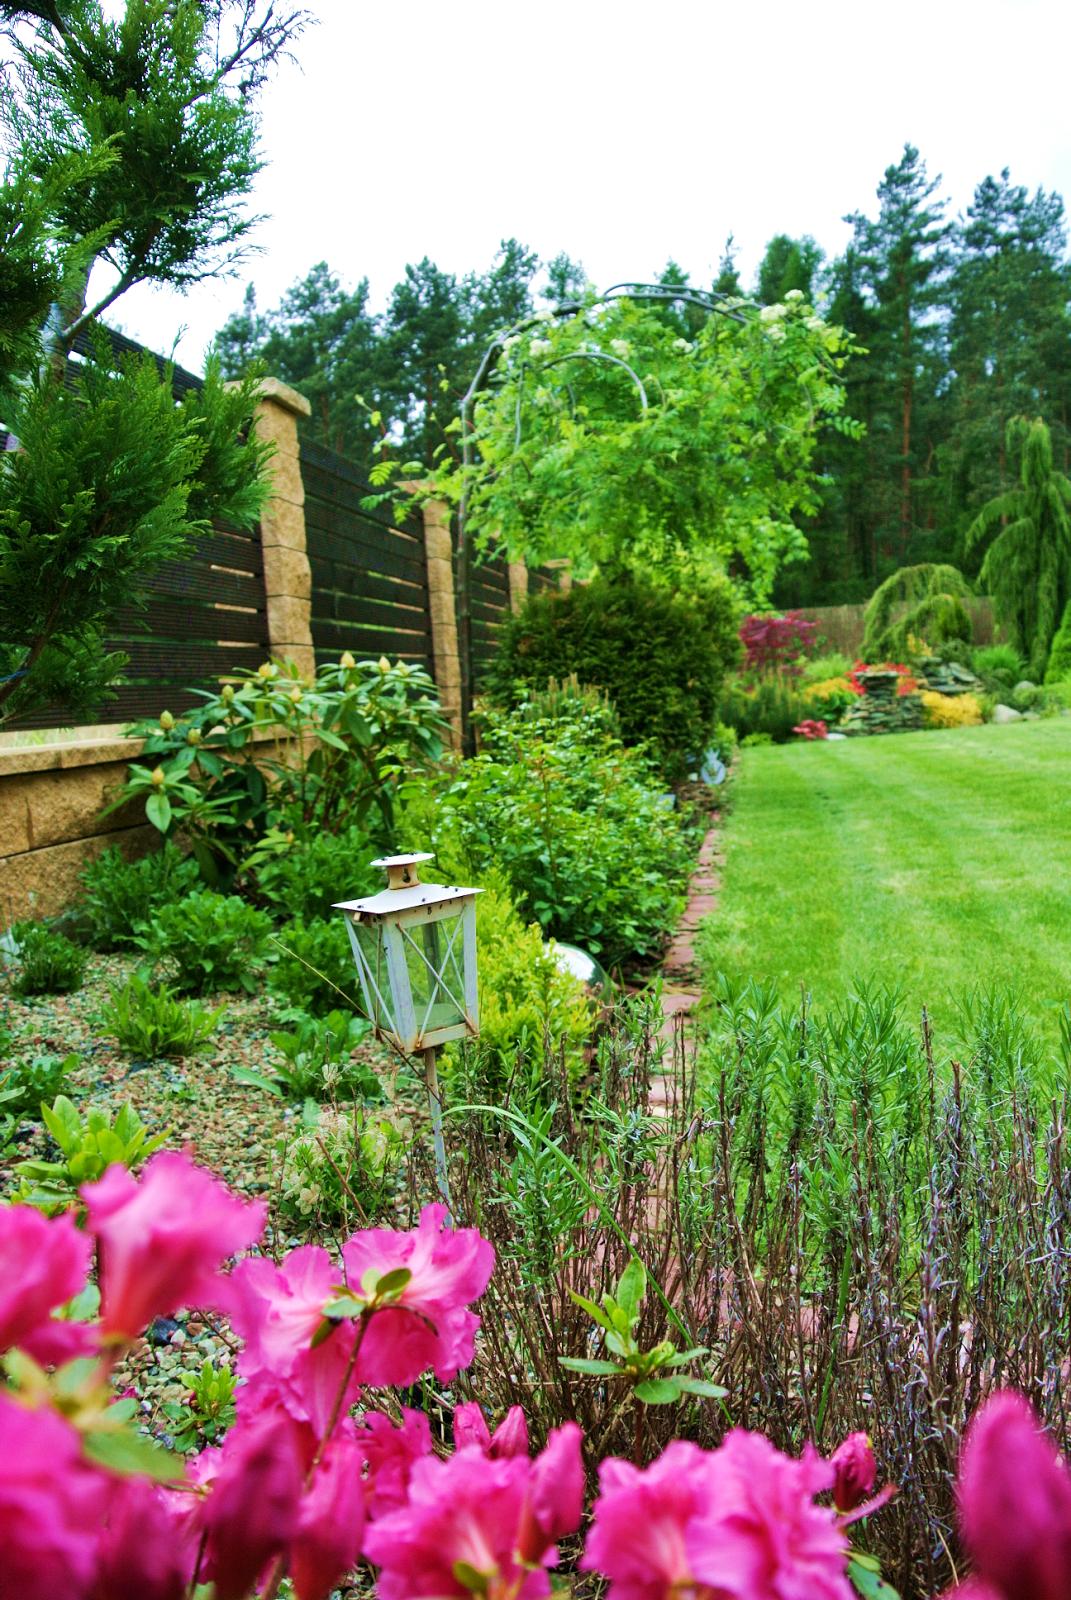 różanecznik różowy,hodowla roślin,rododendron,tarwnik,latarenki ogrodowe,jarzębina,wiąz,lawenda,dom w lesie,piękny dom,wnętrza,zewnętrza,blogerka